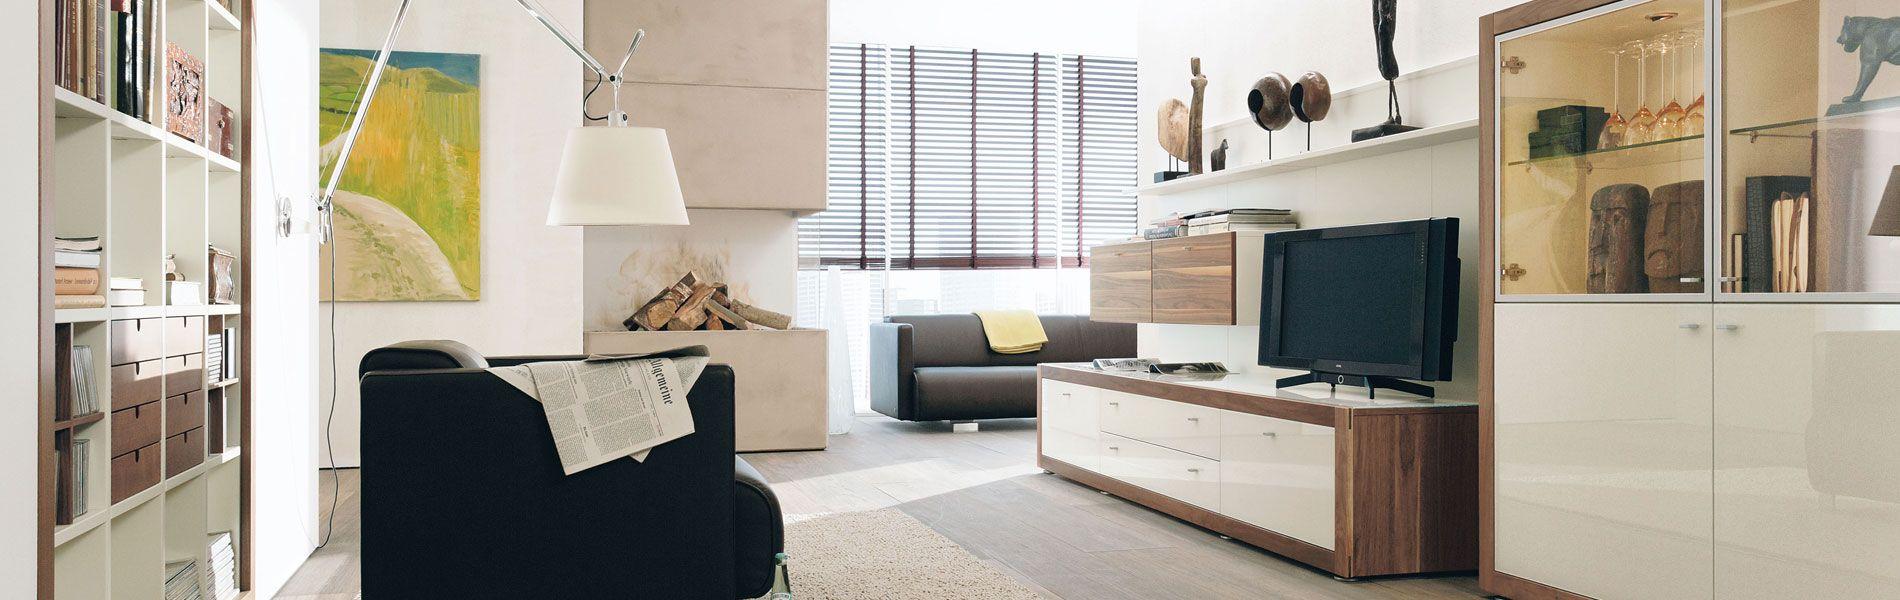 Suss Wohnzimmer Mobel Hoffner 60 Mit Zusatzlichen Innenarchitektur